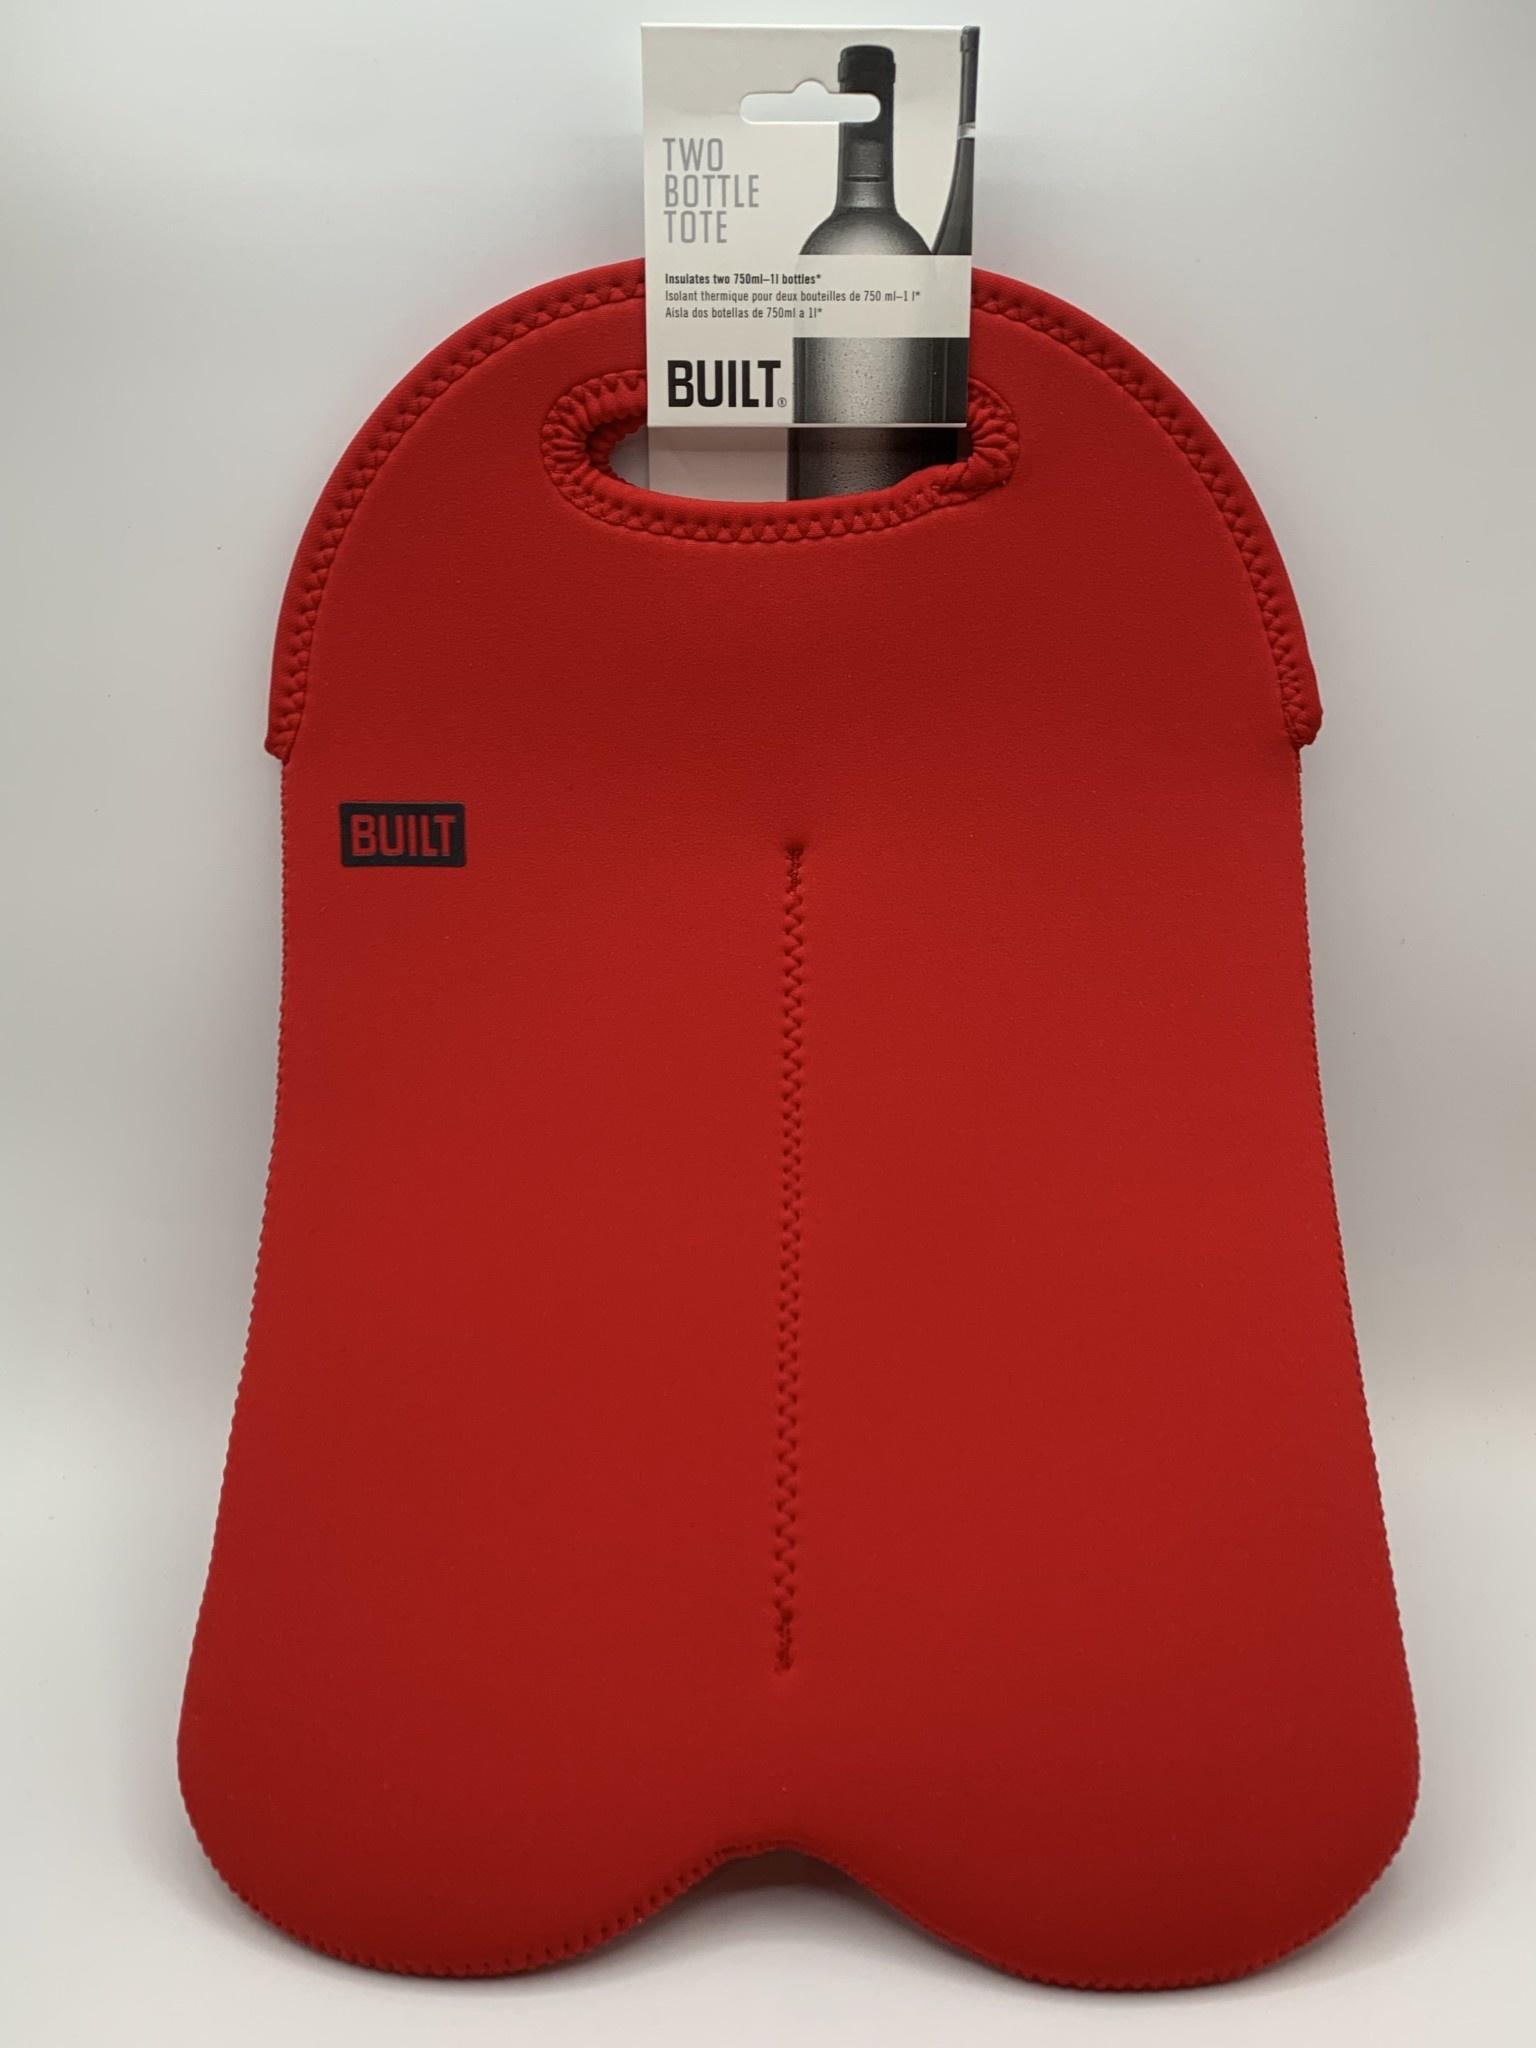 BUILT 2-Bottle Wine Tote Bag Red